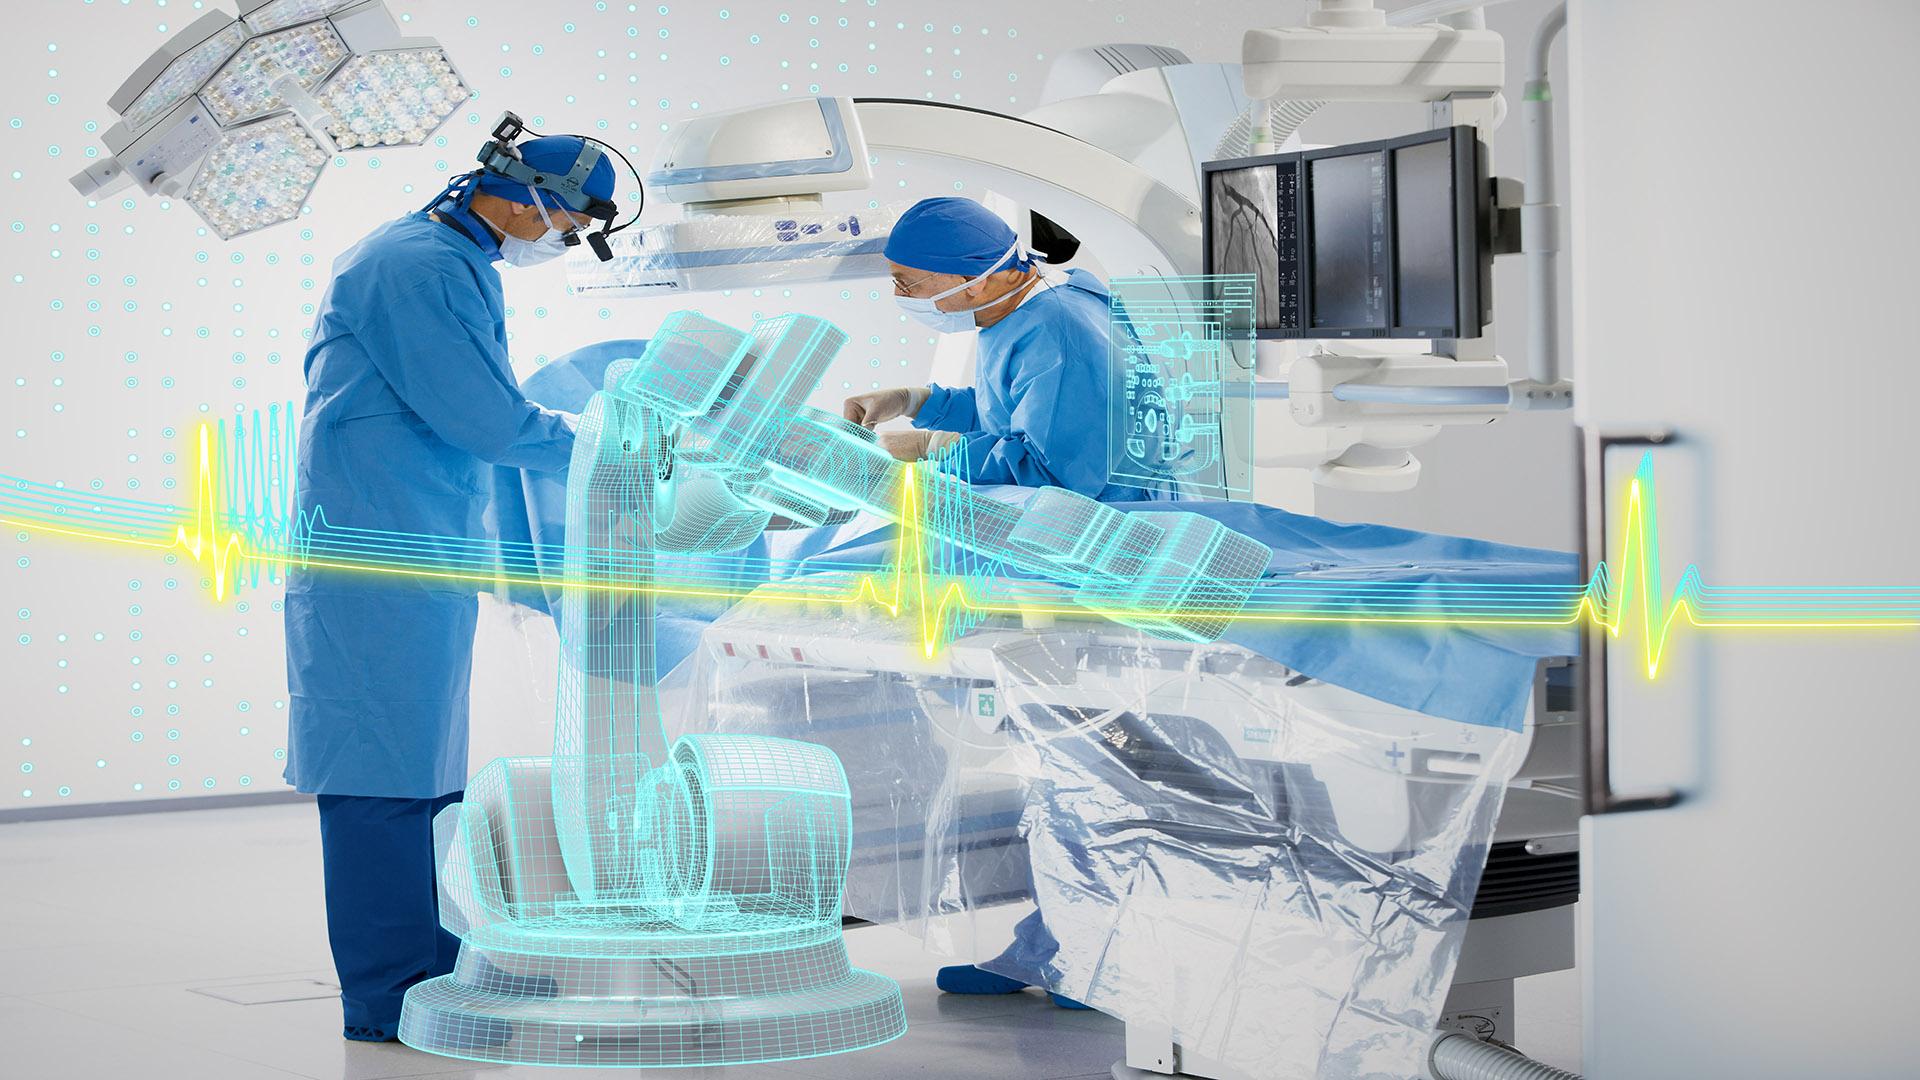 Τεχνολογία και Επιστήμη: Μια σημαντική συνεργασία για καλύτερη υγεία